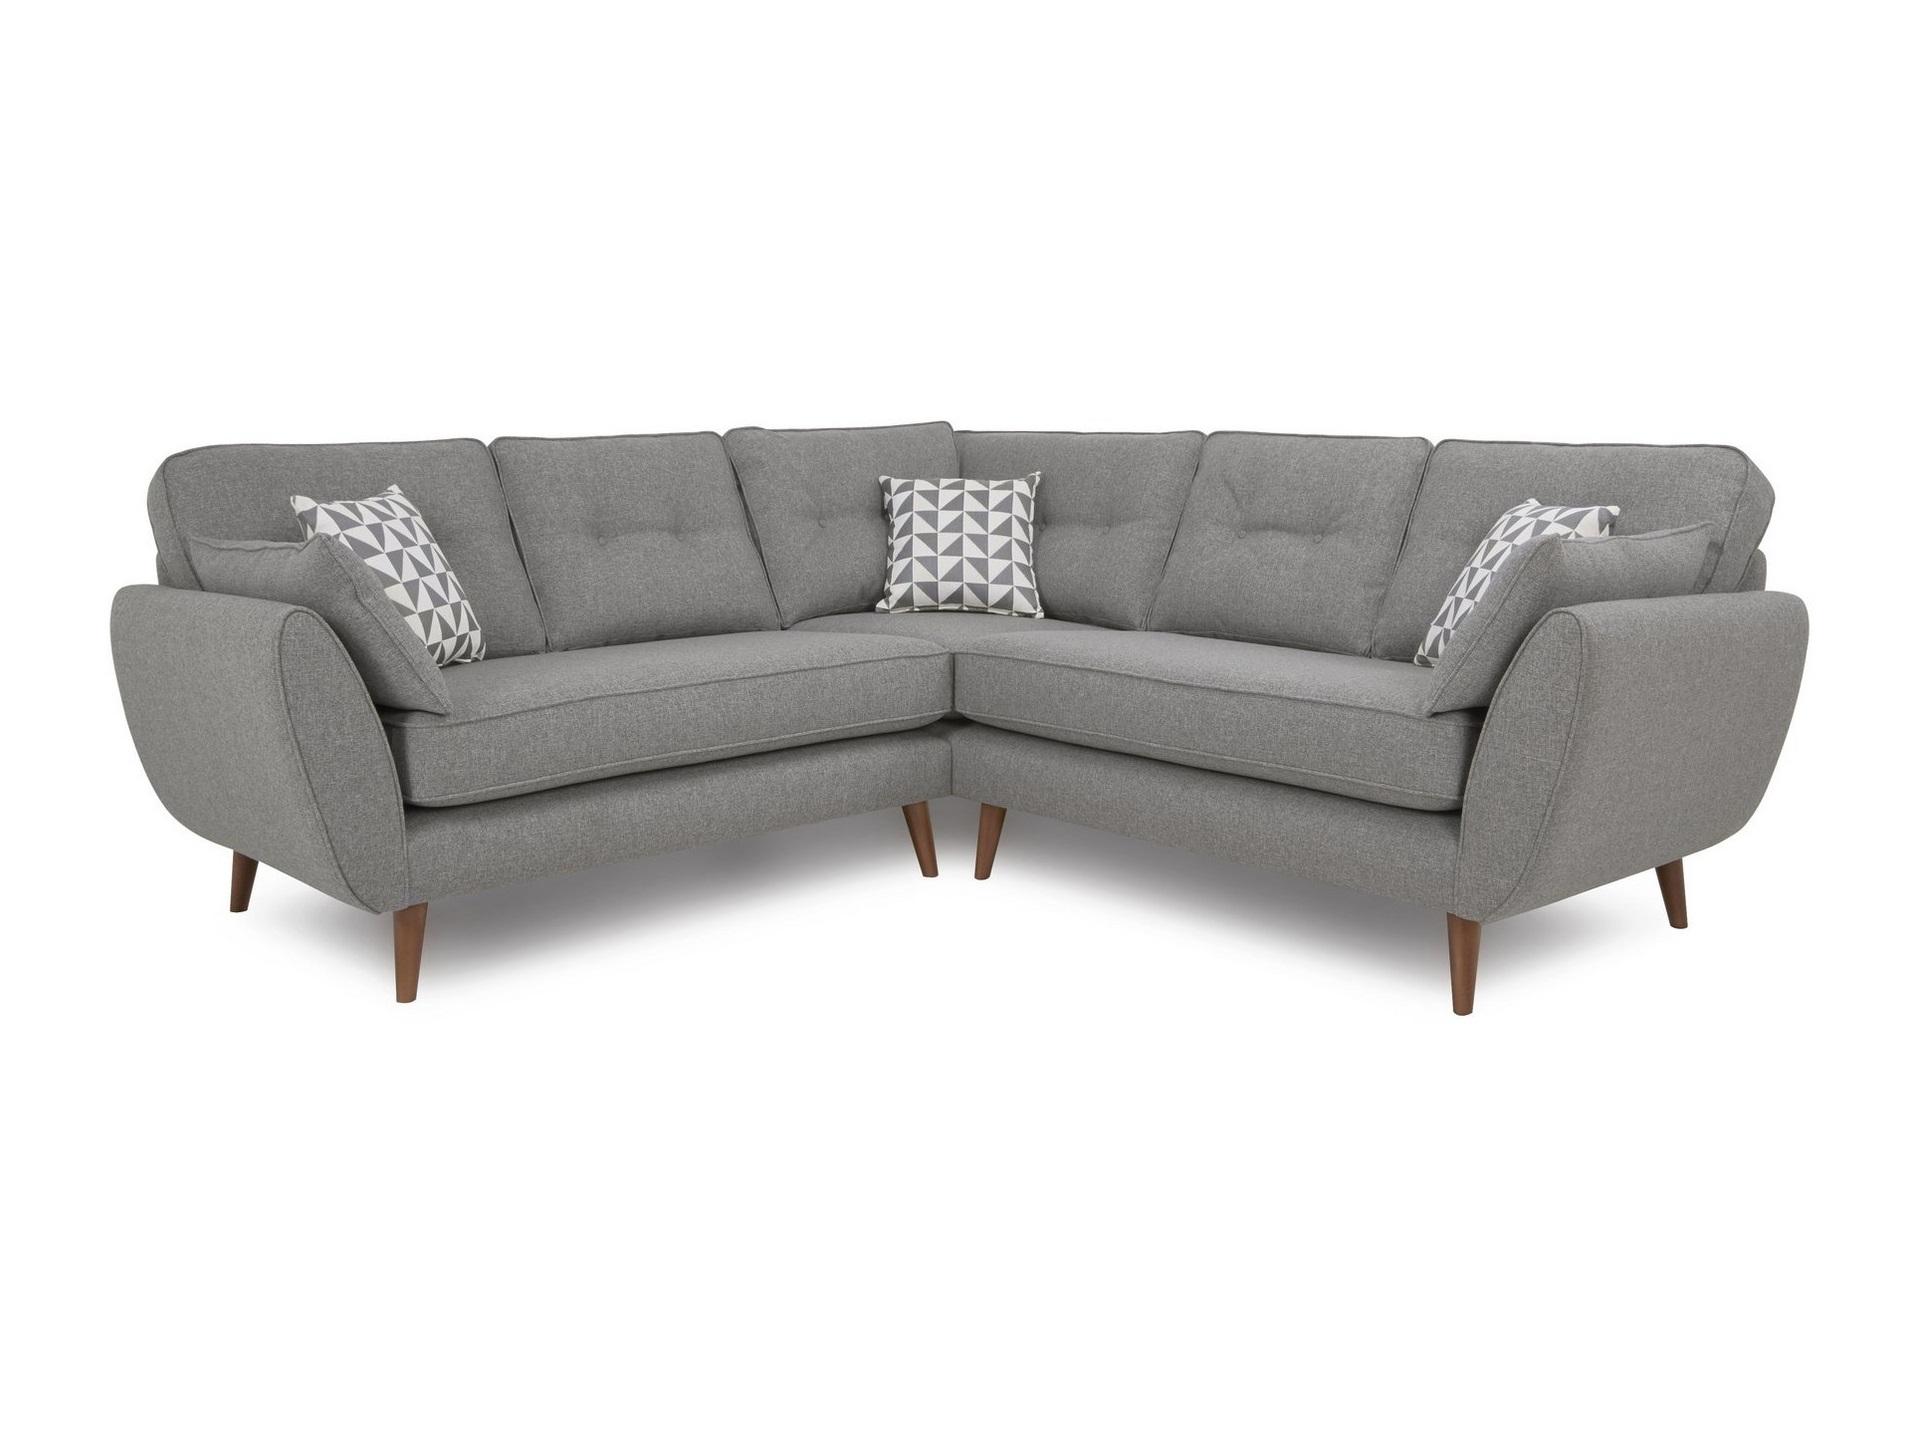 Угловой диван Vogue FullУгловые диваны<br>Современный диван с легким намеком на &amp;quot;ретро&amp;quot; идеально подойдет для городских квартир. У него скругленные подлокотники, упругие подушки и как раз та длина, чтобы вы могли вытянуться в полный рост. &amp;amp;nbsp;Но благодаря высоким ножкам &amp;quot;Vogue&amp;quot; выглядит лаконично и элегантно.&amp;lt;div&amp;gt;&amp;lt;br&amp;gt;&amp;lt;/div&amp;gt;&amp;lt;div&amp;gt;Корпус: фанера, брус&amp;lt;div&amp;gt;Ткань 100% полиэстер, 30-50 000 циклов&amp;lt;/div&amp;gt;&amp;lt;div&amp;gt;Ширина сторон: 227х227 см&amp;lt;/div&amp;gt;&amp;lt;div&amp;gt;Ножки (Дерево)&amp;lt;/div&amp;gt;&amp;lt;div&amp;gt;&amp;lt;span style=&amp;quot;font-weight: 700;&amp;quot;&amp;gt;При заказе уточняйте сторону угла (левый или правый)!&amp;lt;/span&amp;gt;&amp;lt;/div&amp;gt;&amp;lt;div&amp;gt;Еcть возможность изготовления в другом материале обивки&amp;lt;/div&amp;gt;&amp;lt;/div&amp;gt;<br><br>Material: Текстиль<br>Ширина см: 227.0<br>Высота см: 88.0<br>Глубина см: 227.0